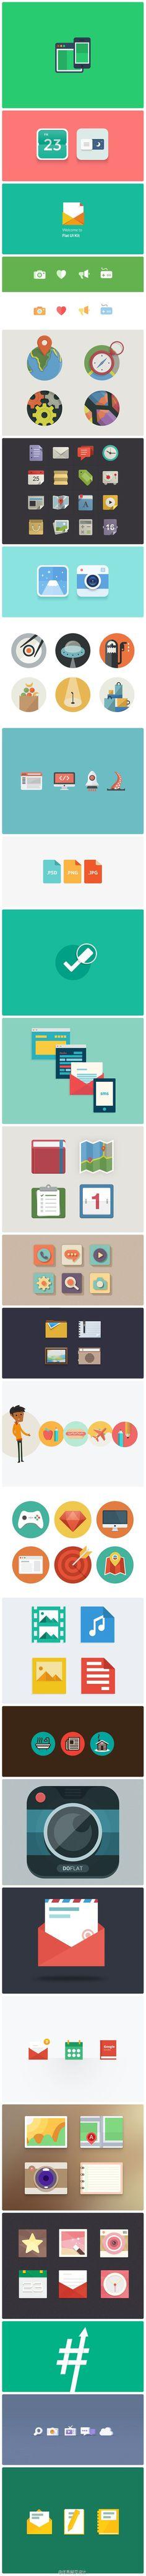 Flat Icons #flat #icons